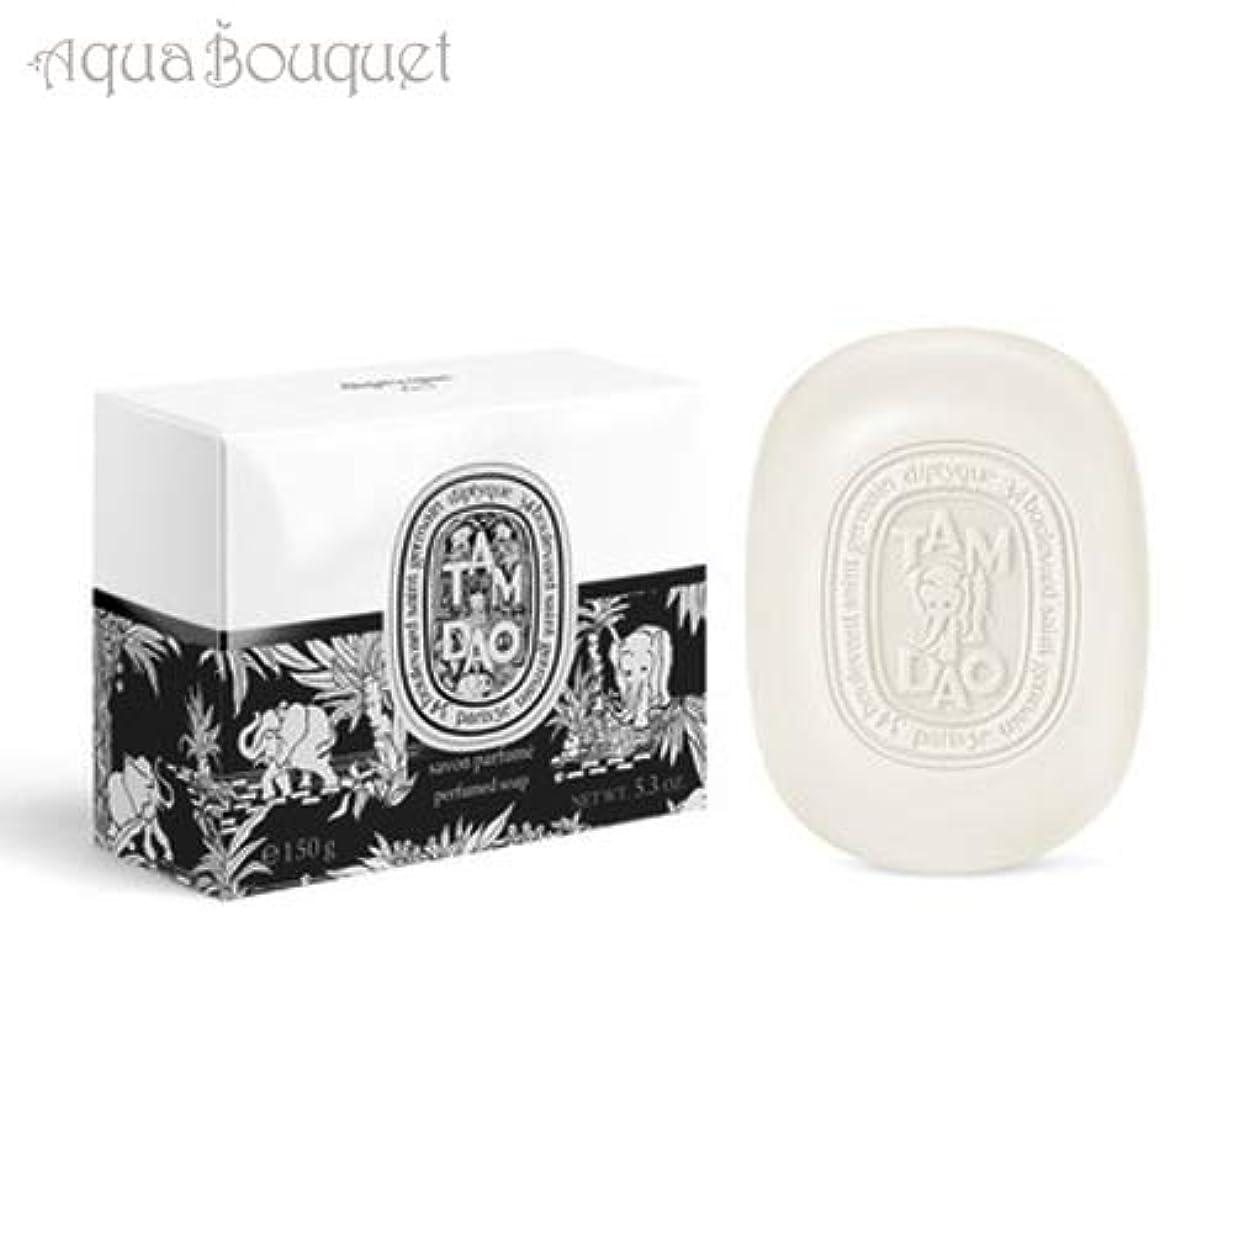 非公式批判的焼くディプティック タムダオ ソープ 150g DIPTYQUE TAMDAO PERFUMED SOAP [8289] [並行輸入品]